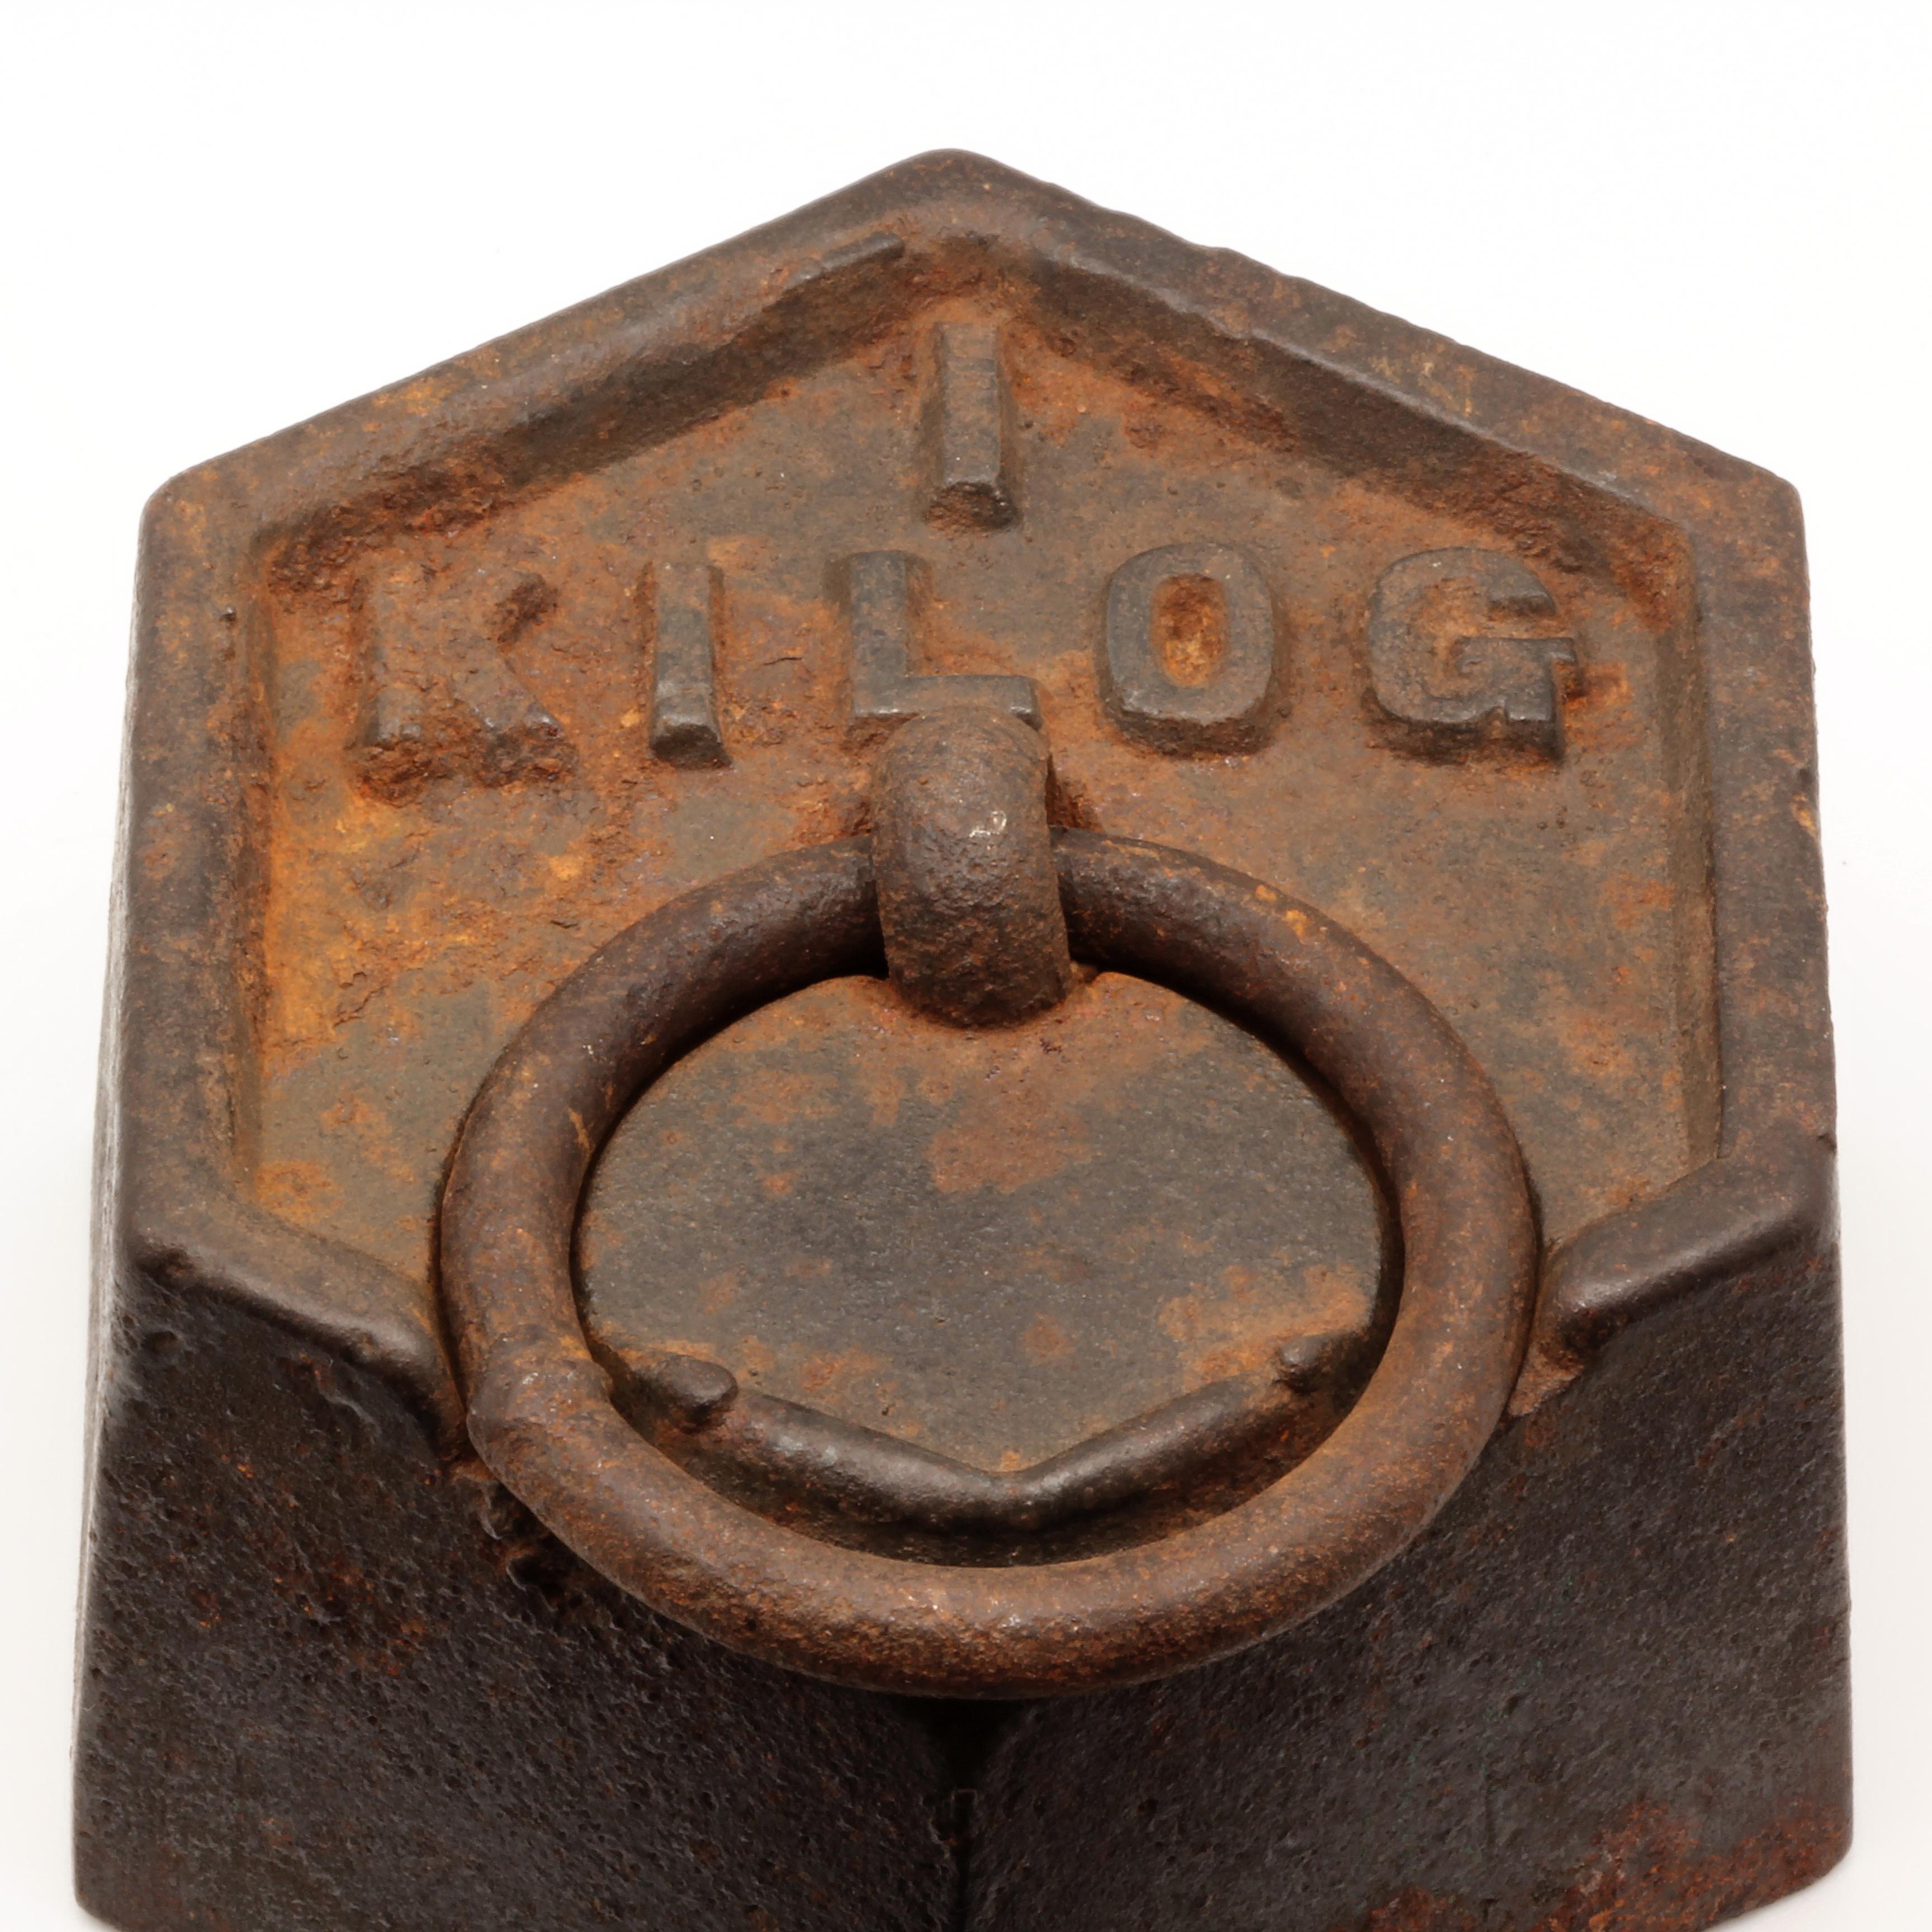 Kilogram Wikipedia